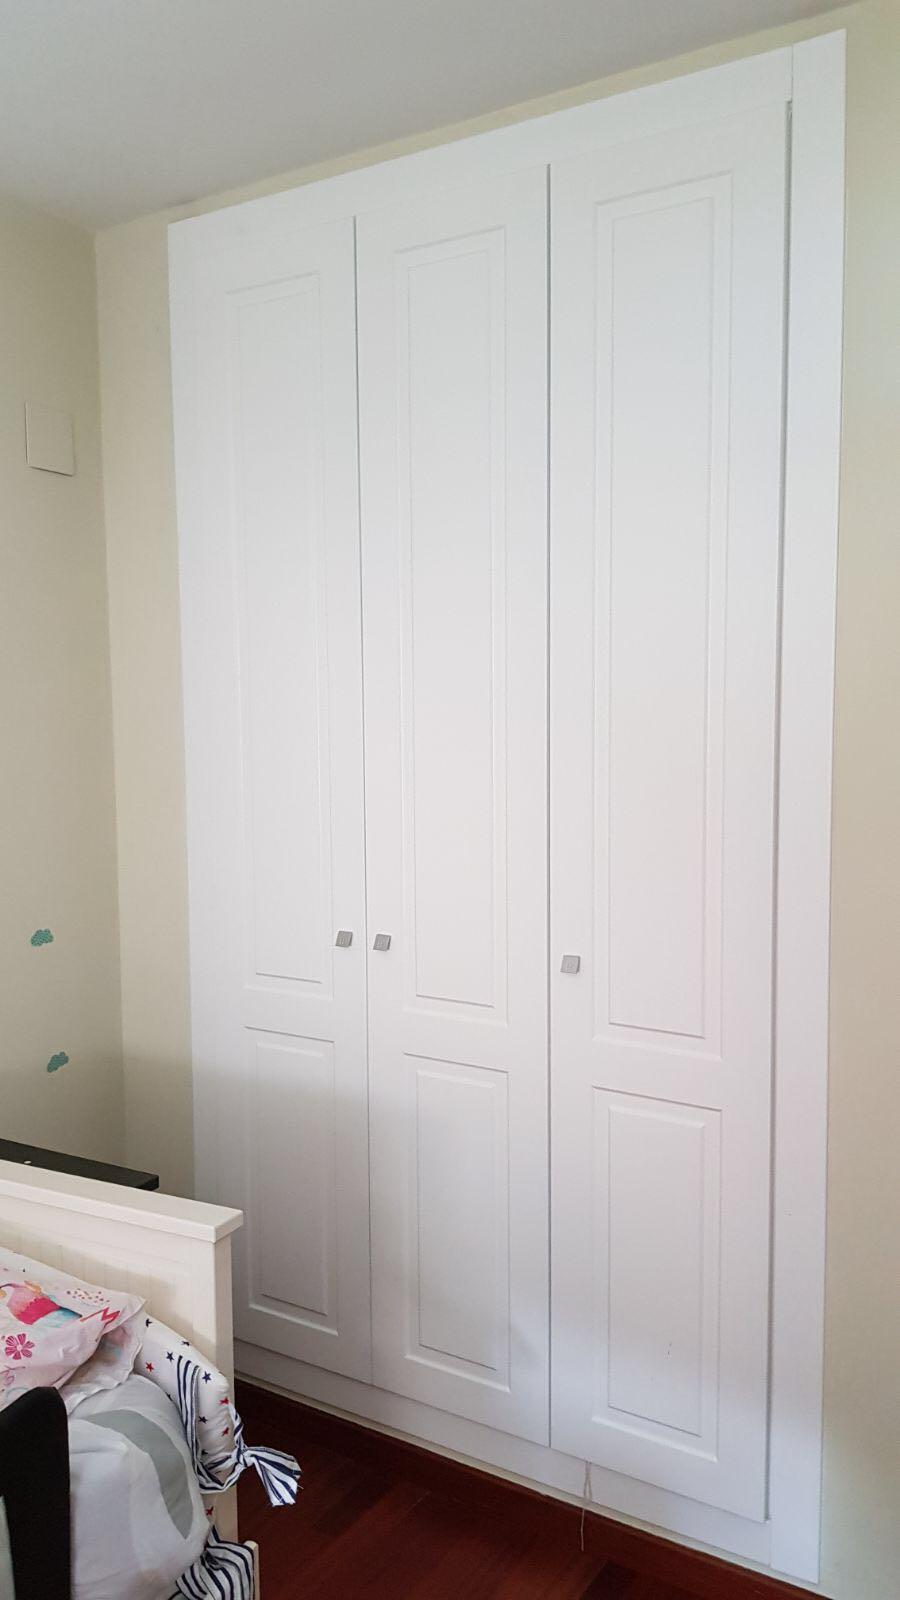 Armario Empotrado con 3 Puertas Abatibles Blanco en Habitación